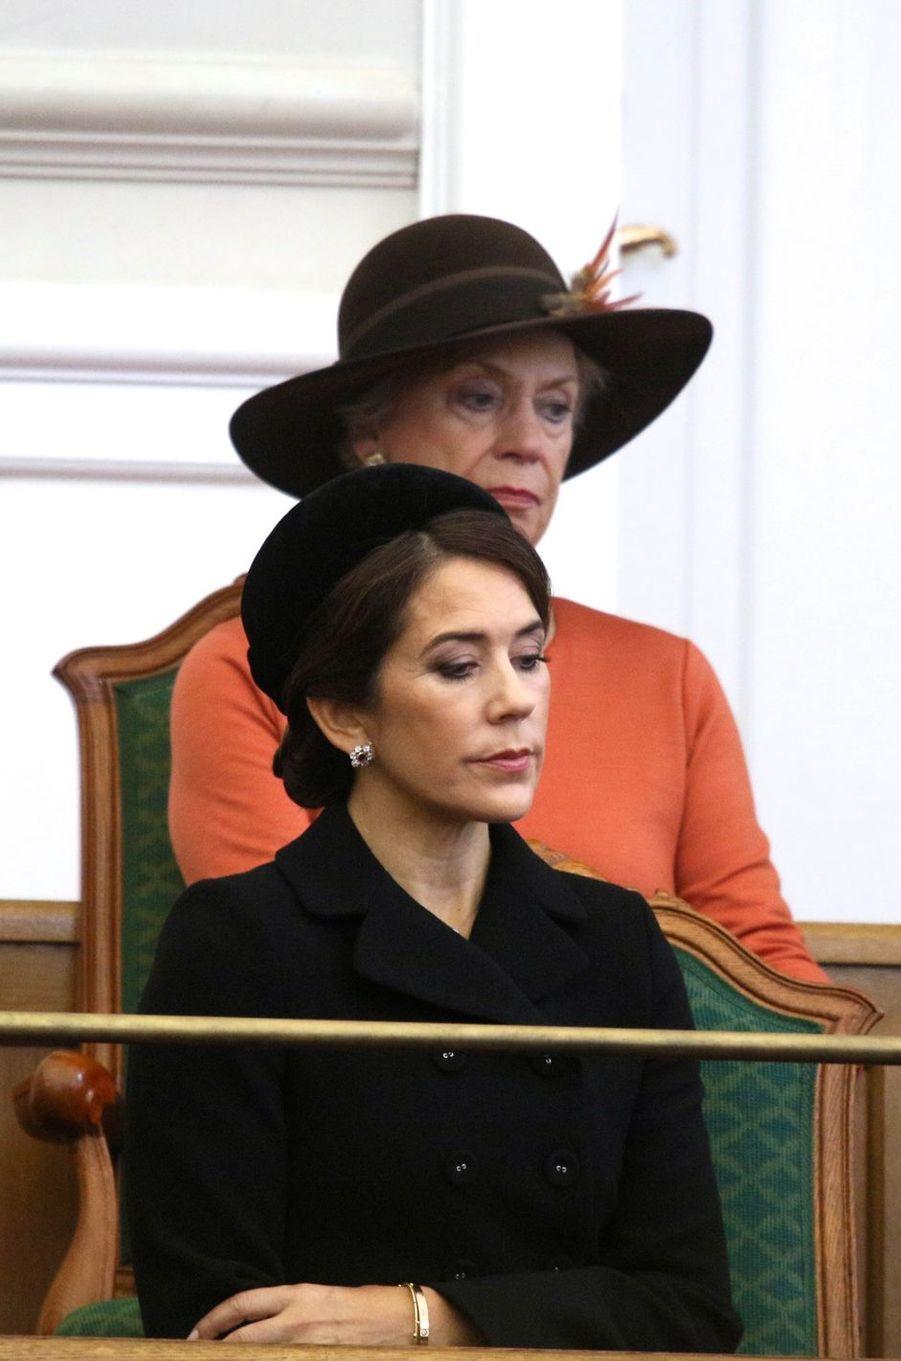 Les princesses Mary et Benedikte de Danemark à Copenhague, le 2 octobre 2018